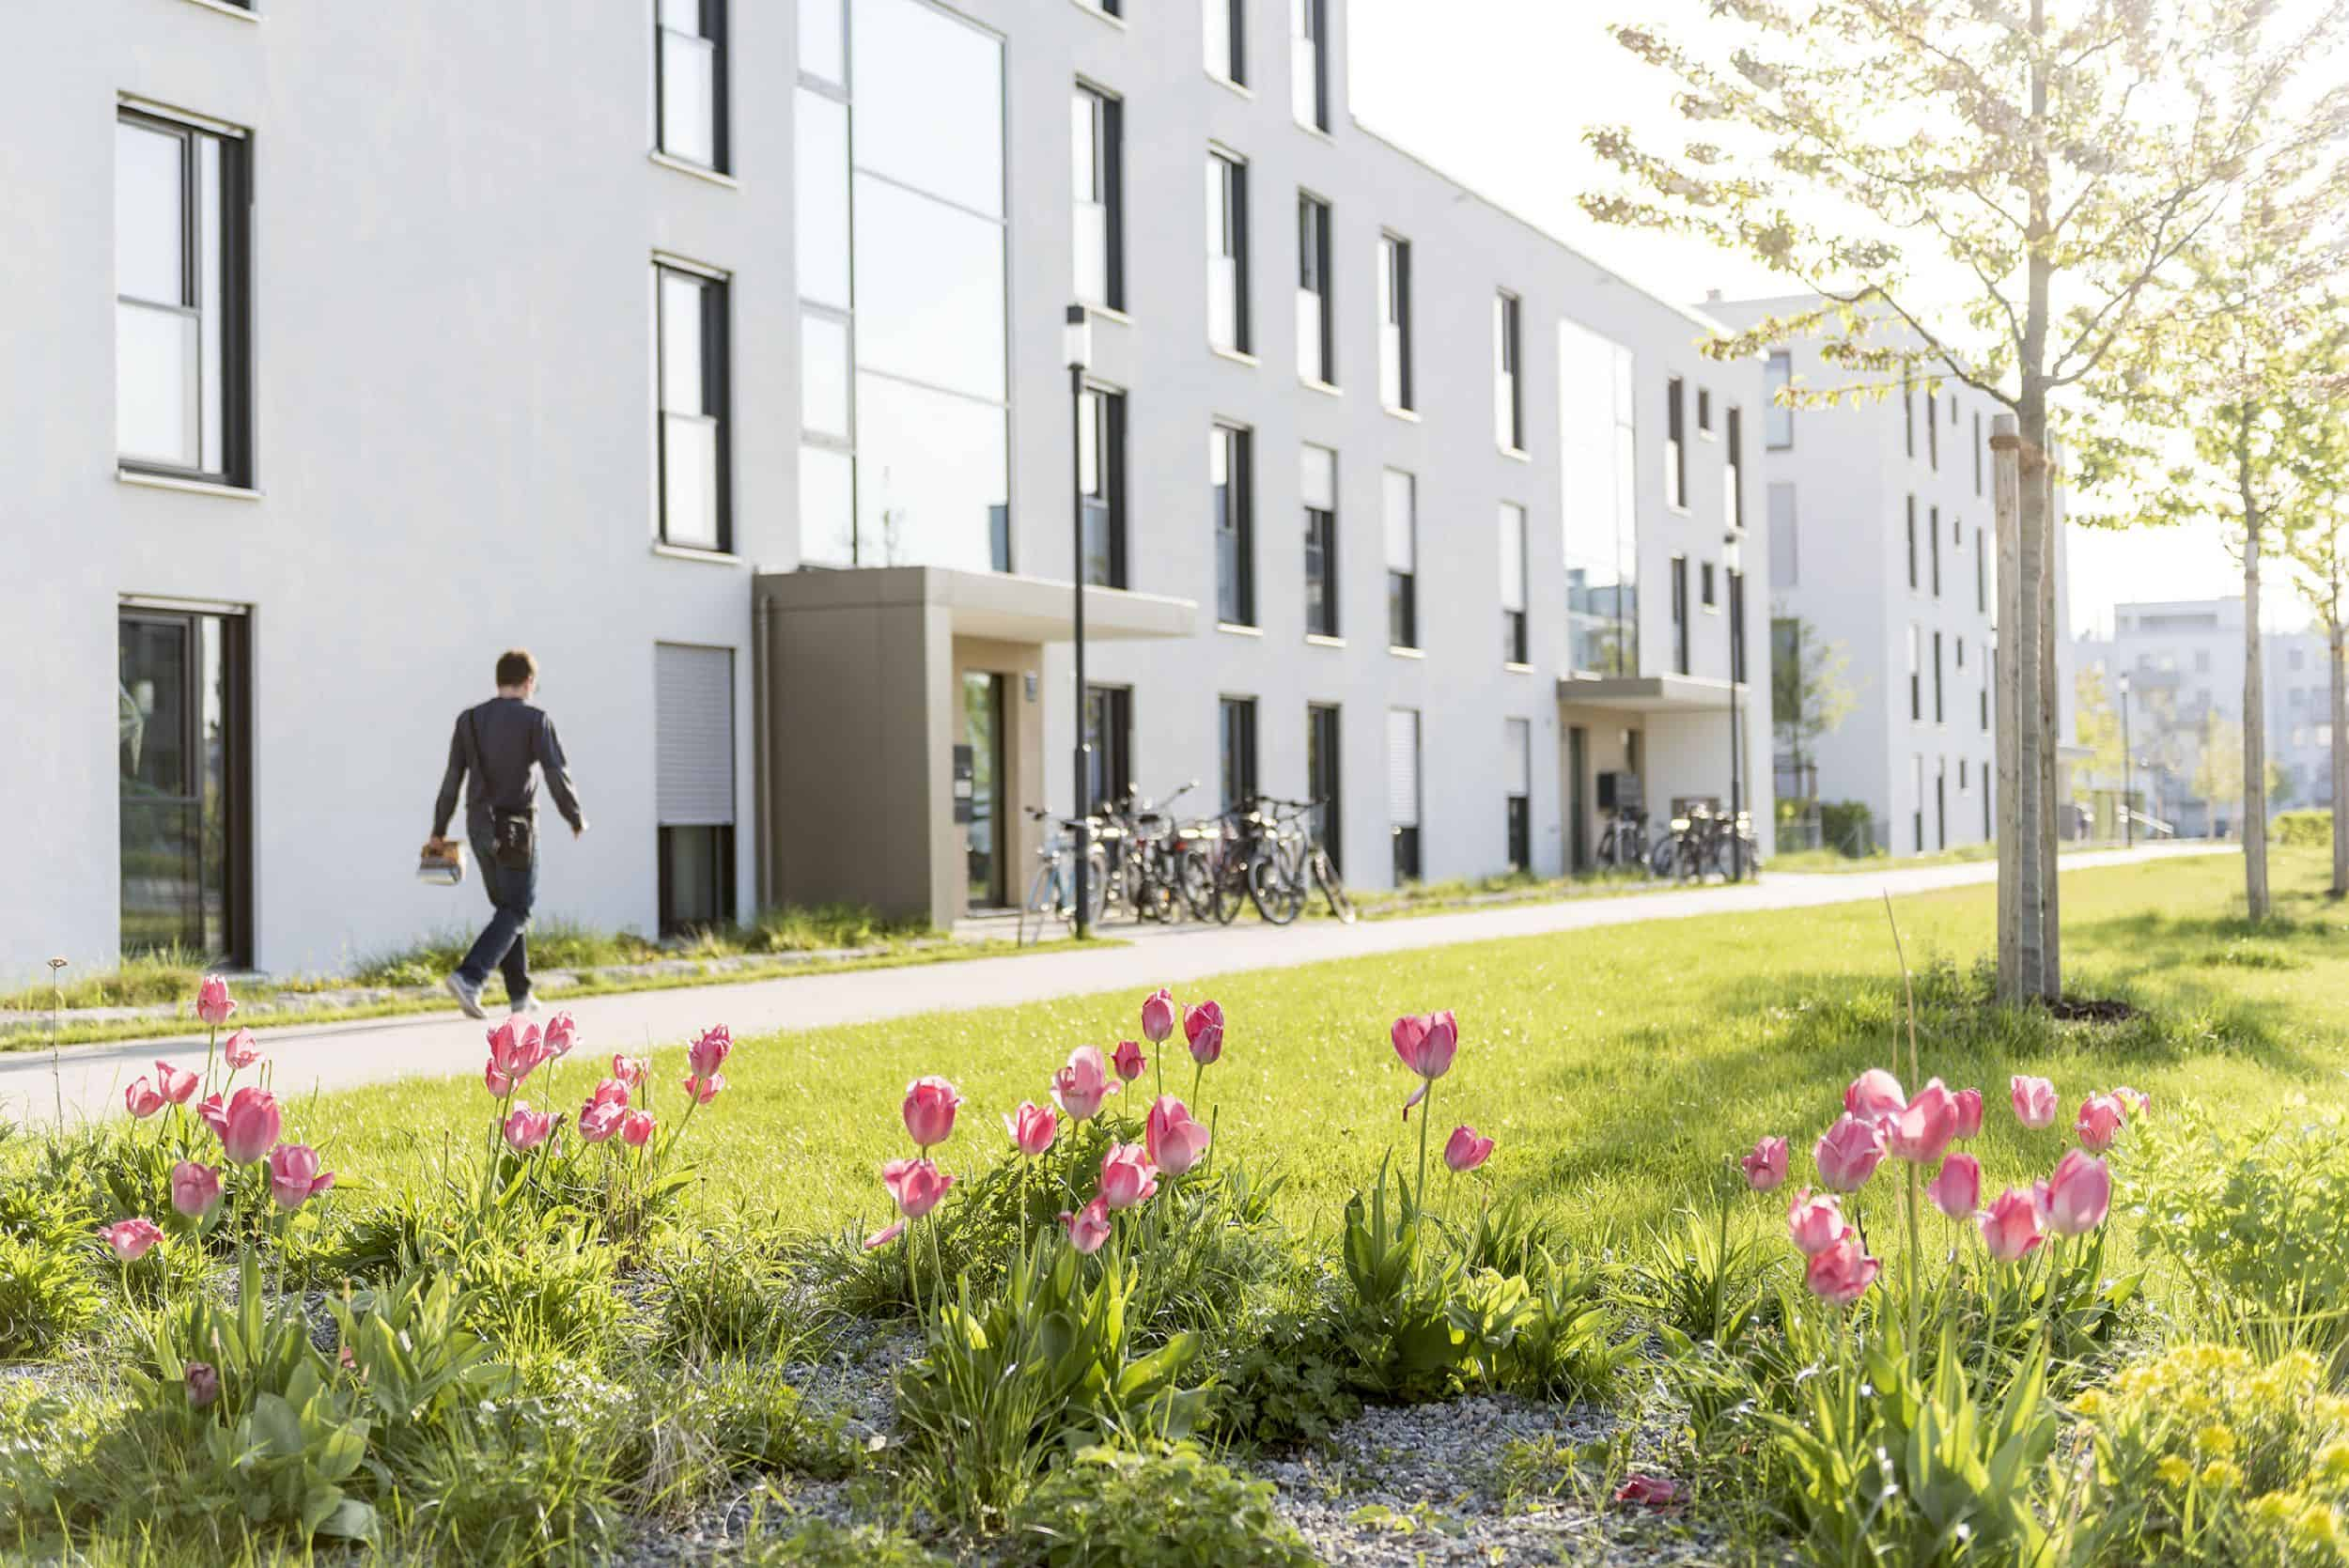 Bild: Blick über eine Tulpenpflanzung im öffentlichen Grün an der Hochäckerstraße, Foto: Johann Hinrichs Photography